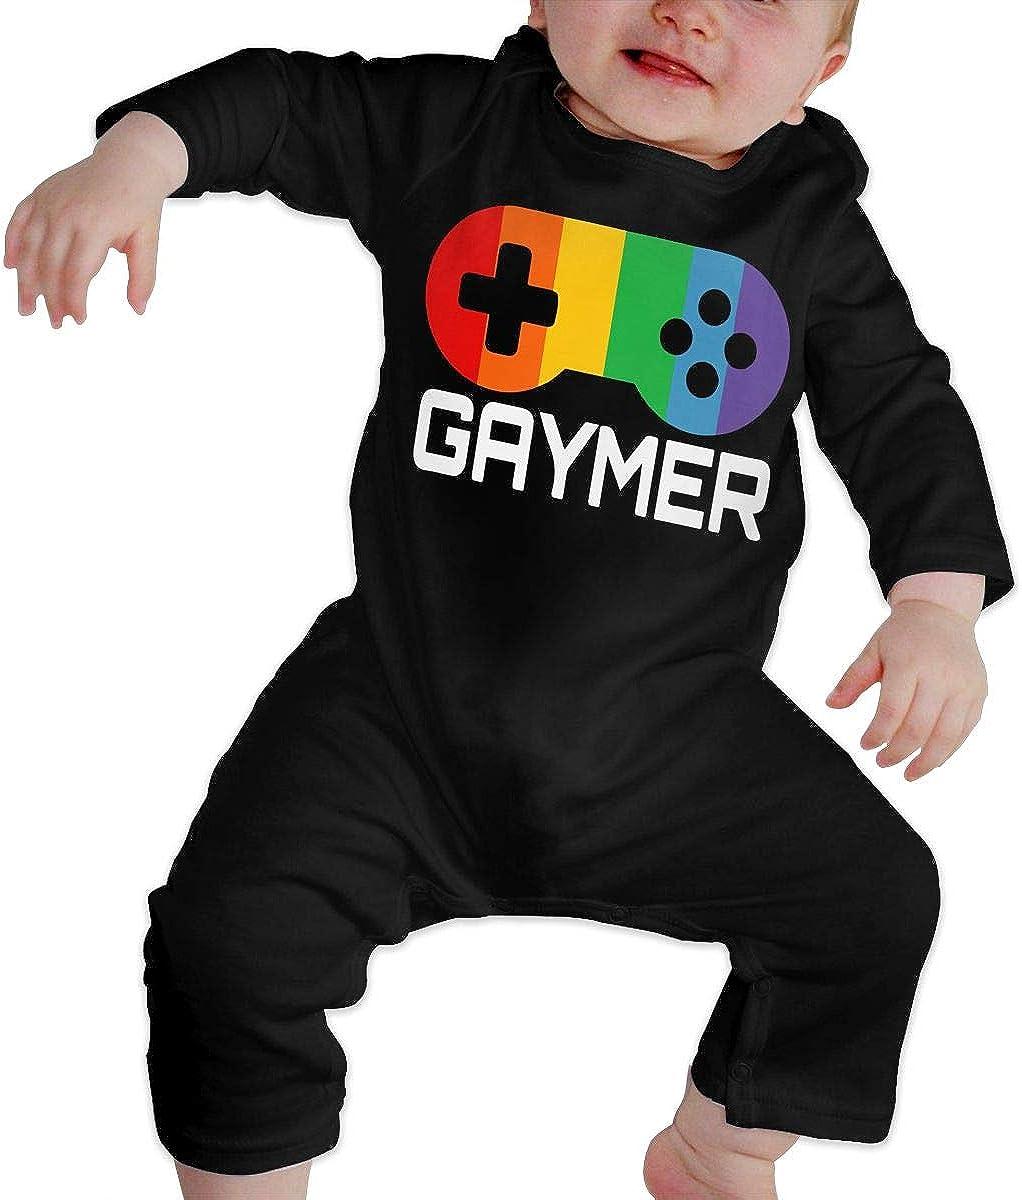 YELTY6F Gaymer Pride Printed Boys Girls Jumpsuit Long Sleeve Pajamas Black